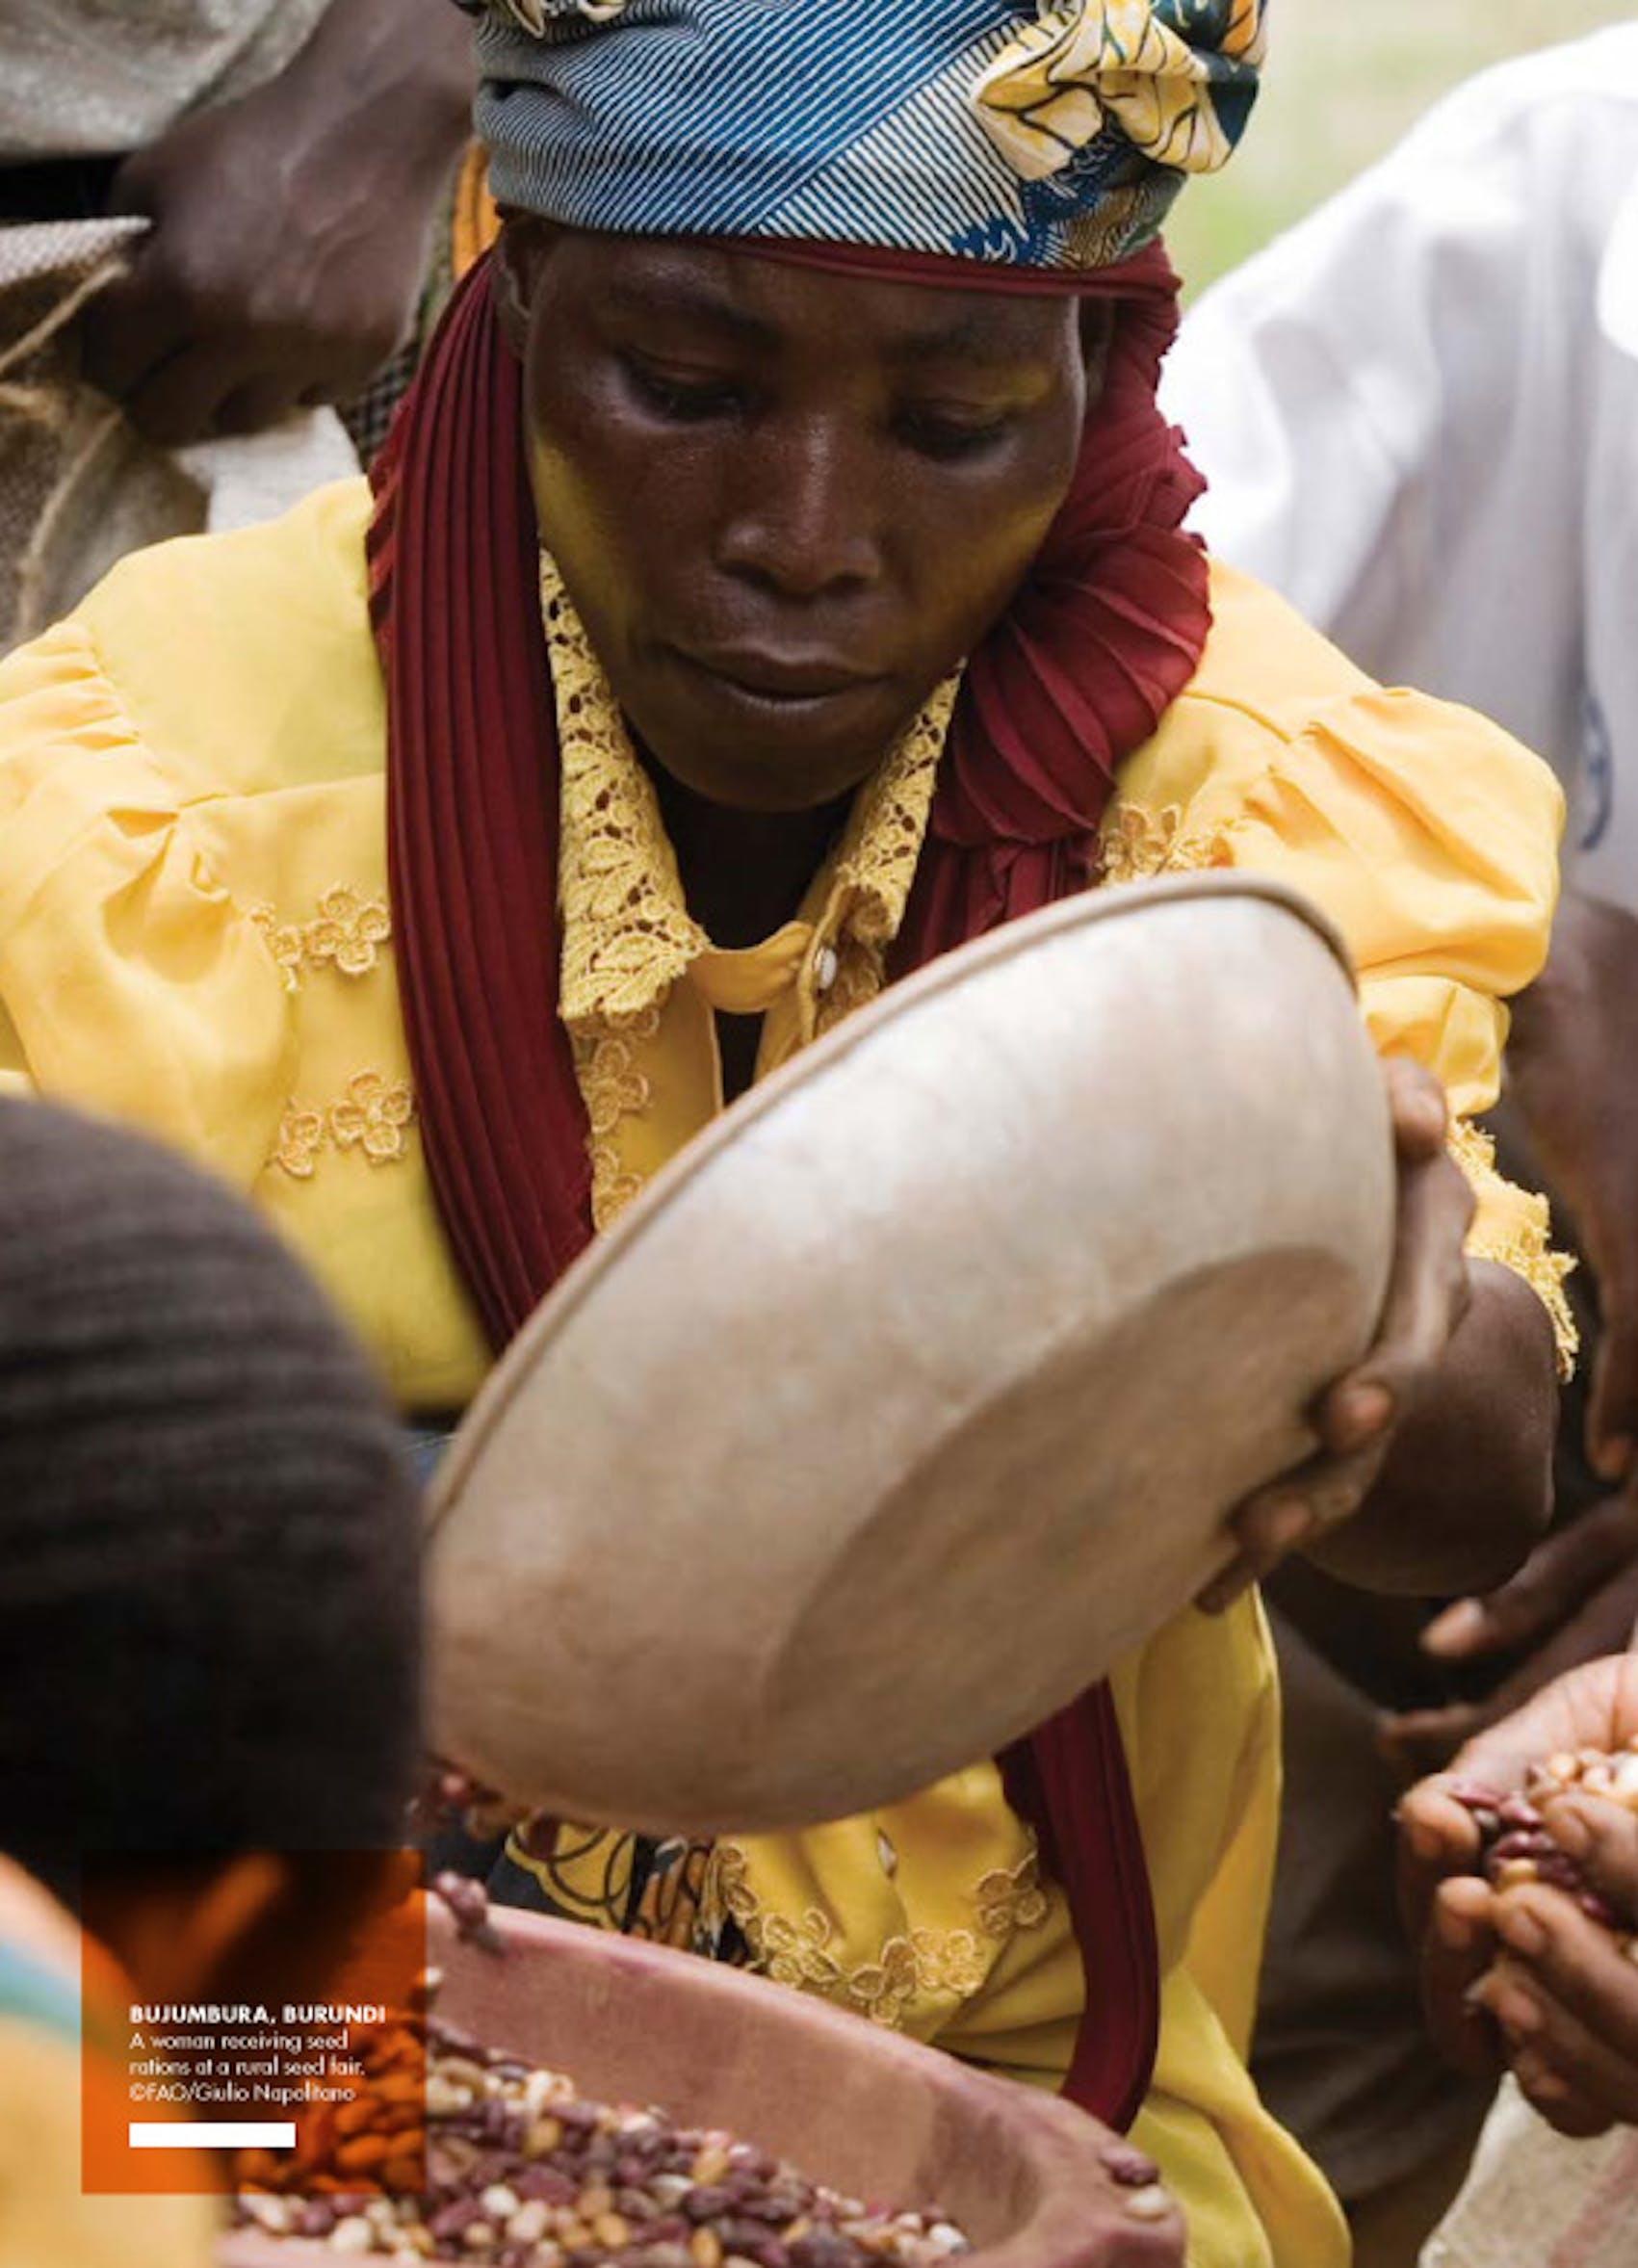 Una donna riceve una razione di semi per usi alimentare a Bujumbura (Burundi) - ©FAO/Giulio Napolitano